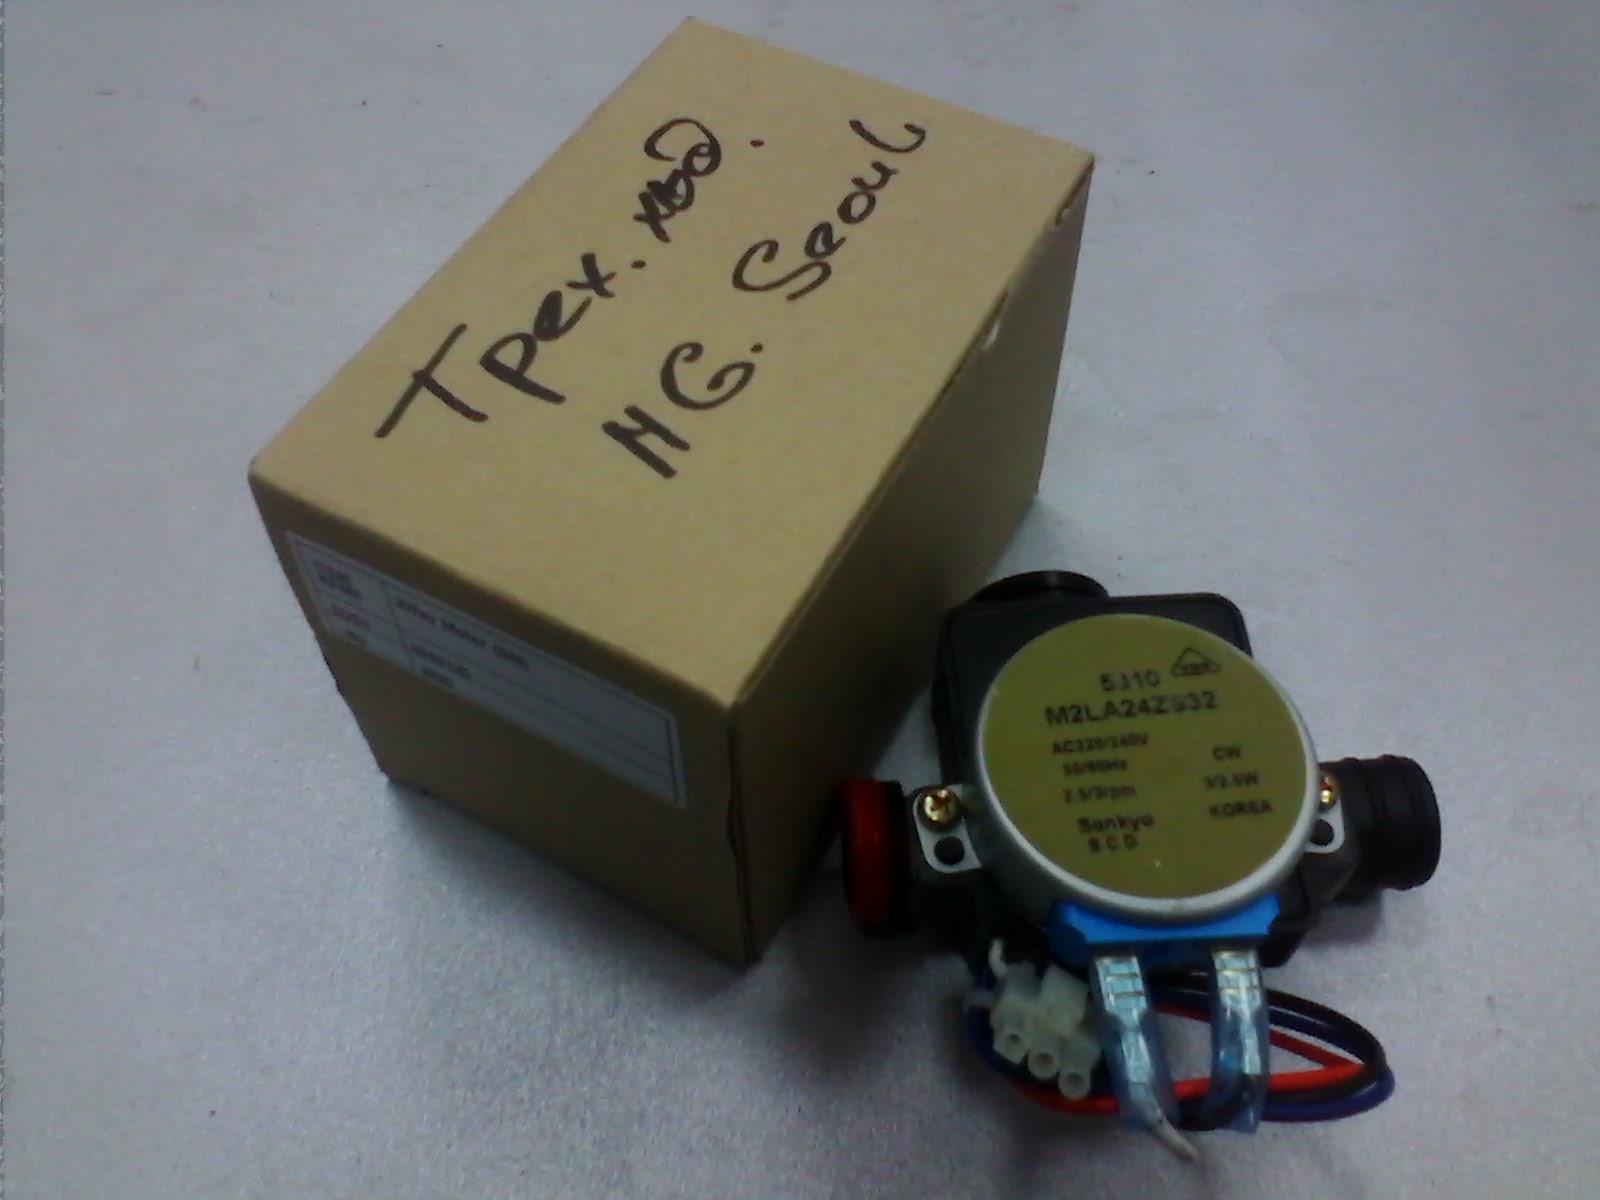 Купить Трехходовой клапан Master Gaz Seul в Челябинск